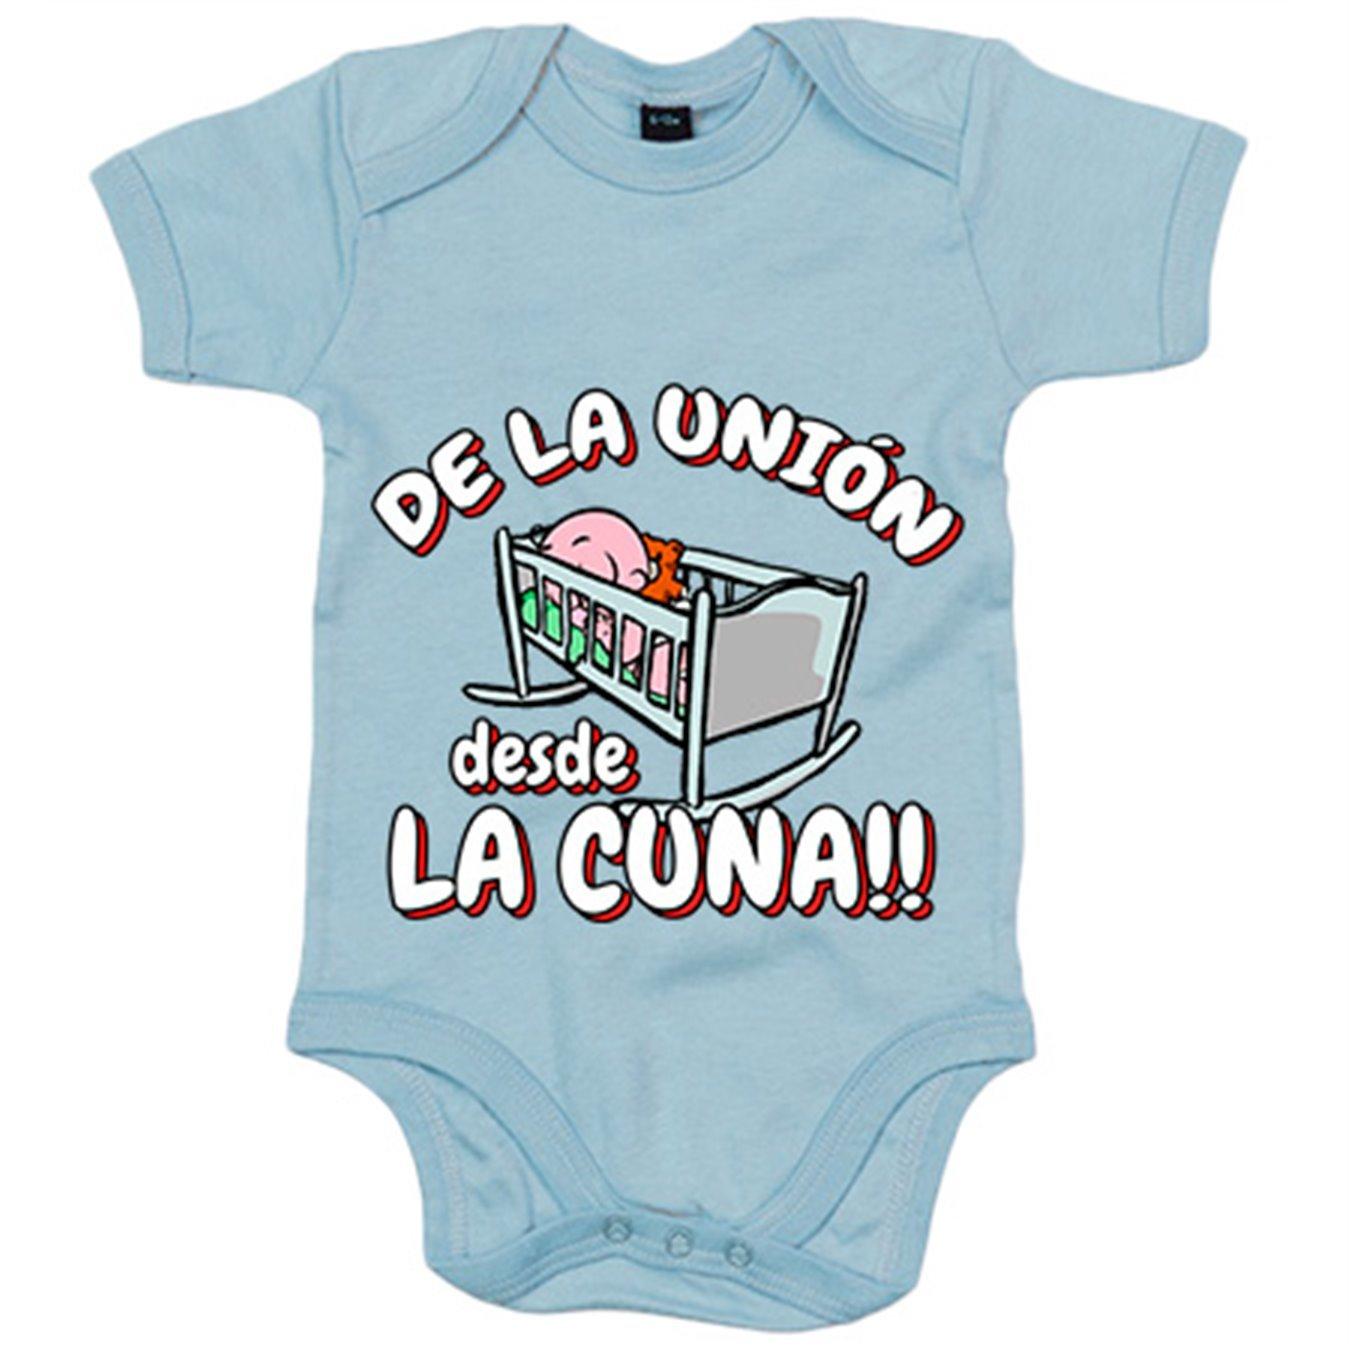 Body bebé De la Unión Almería desde la cuna fútbol - Blanco, 6-12 meses: Amazon.es: Bebé